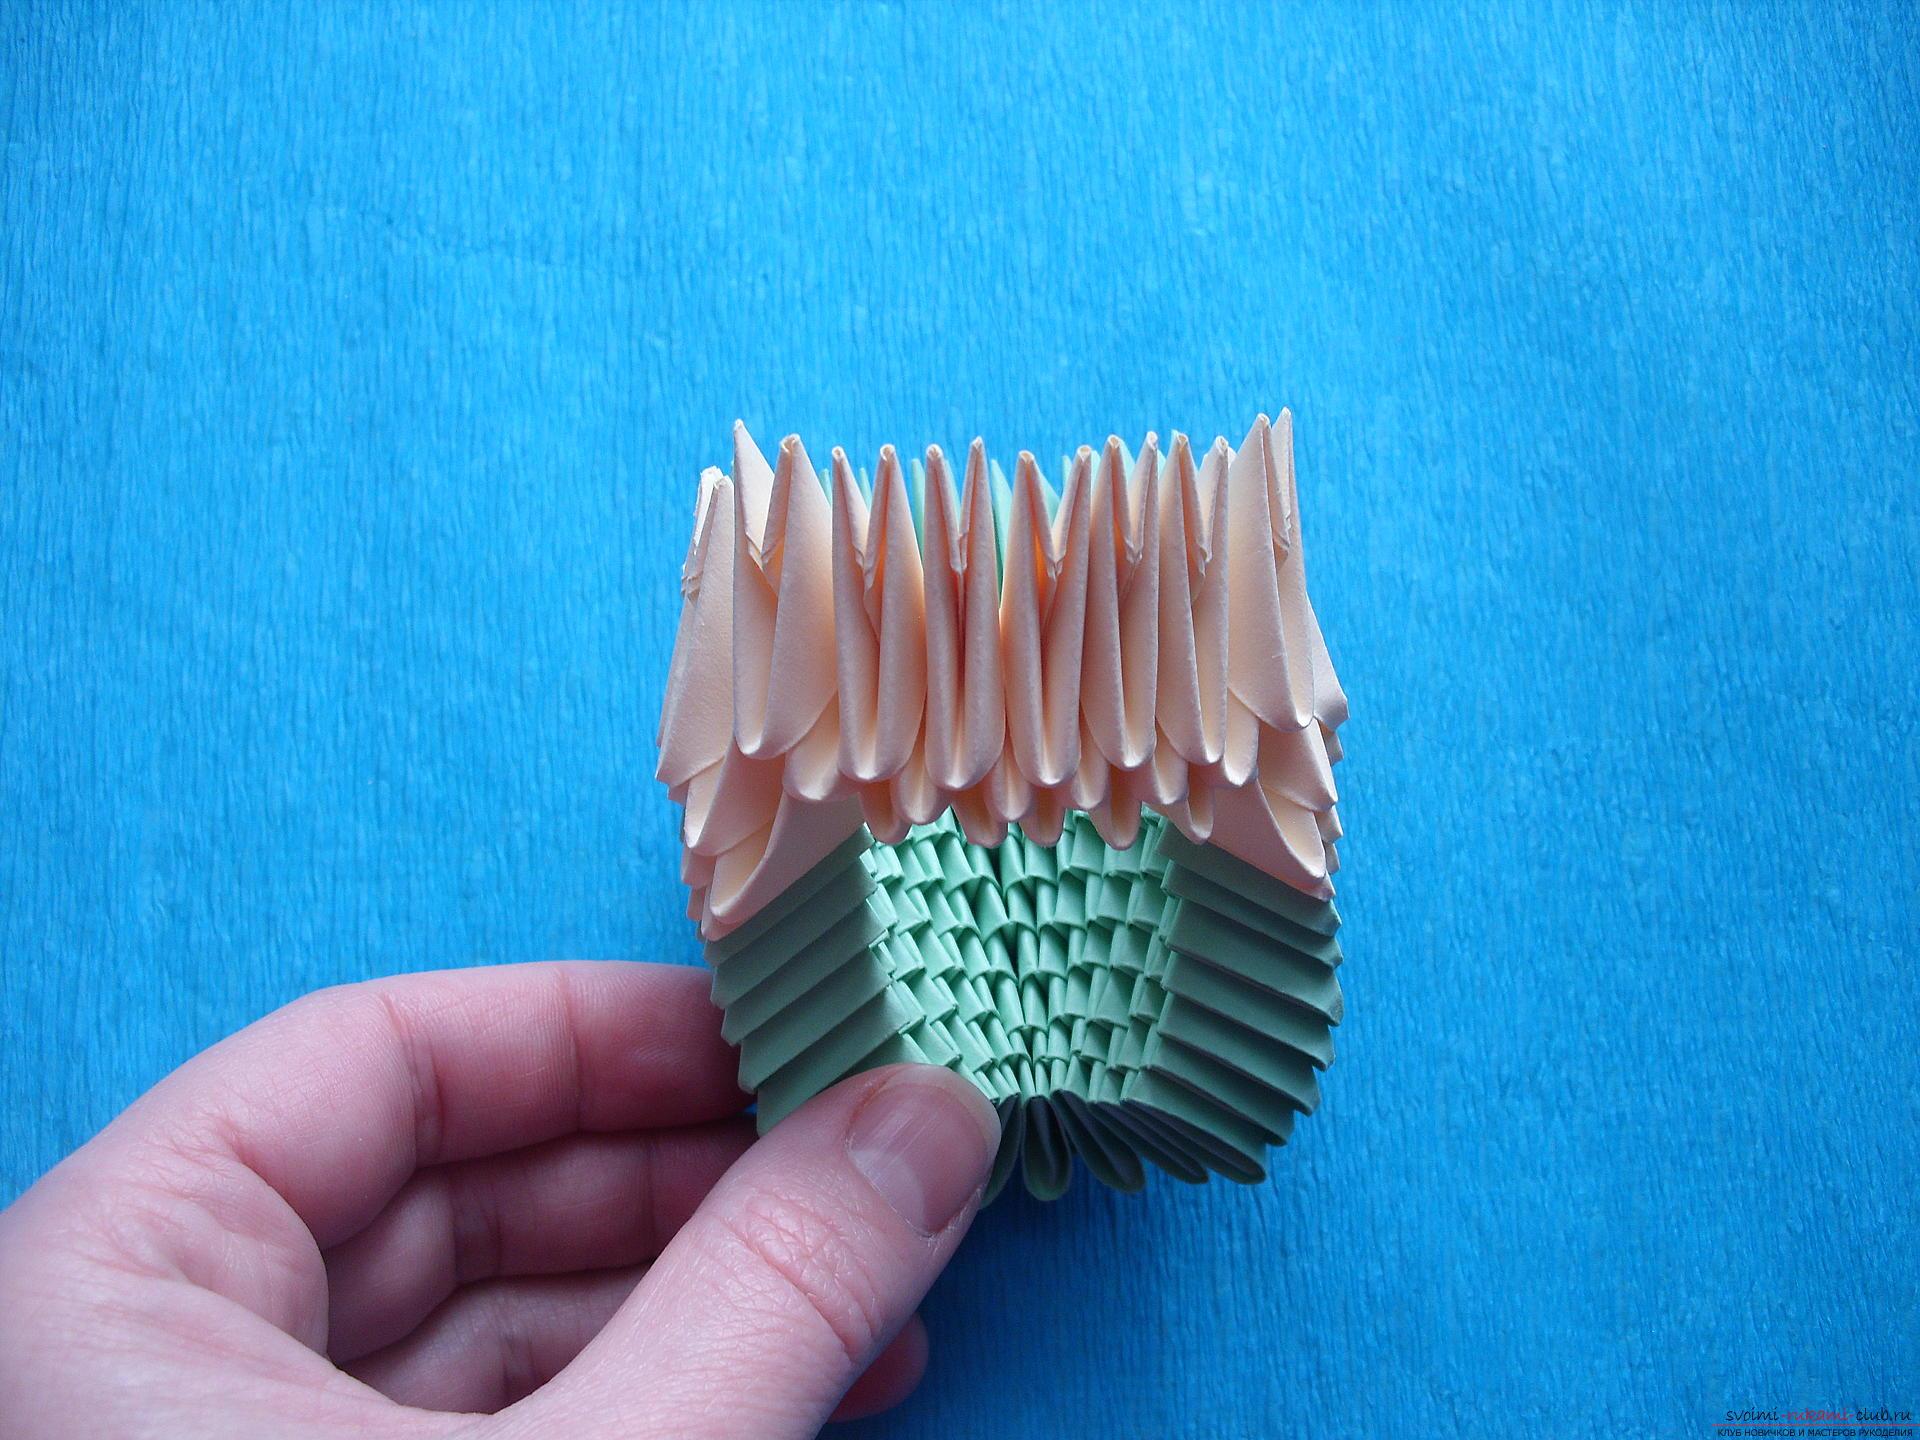 Этот мастер-класс расскажет как сделать поделку из модульных оригами - лягушку.. Фото №8